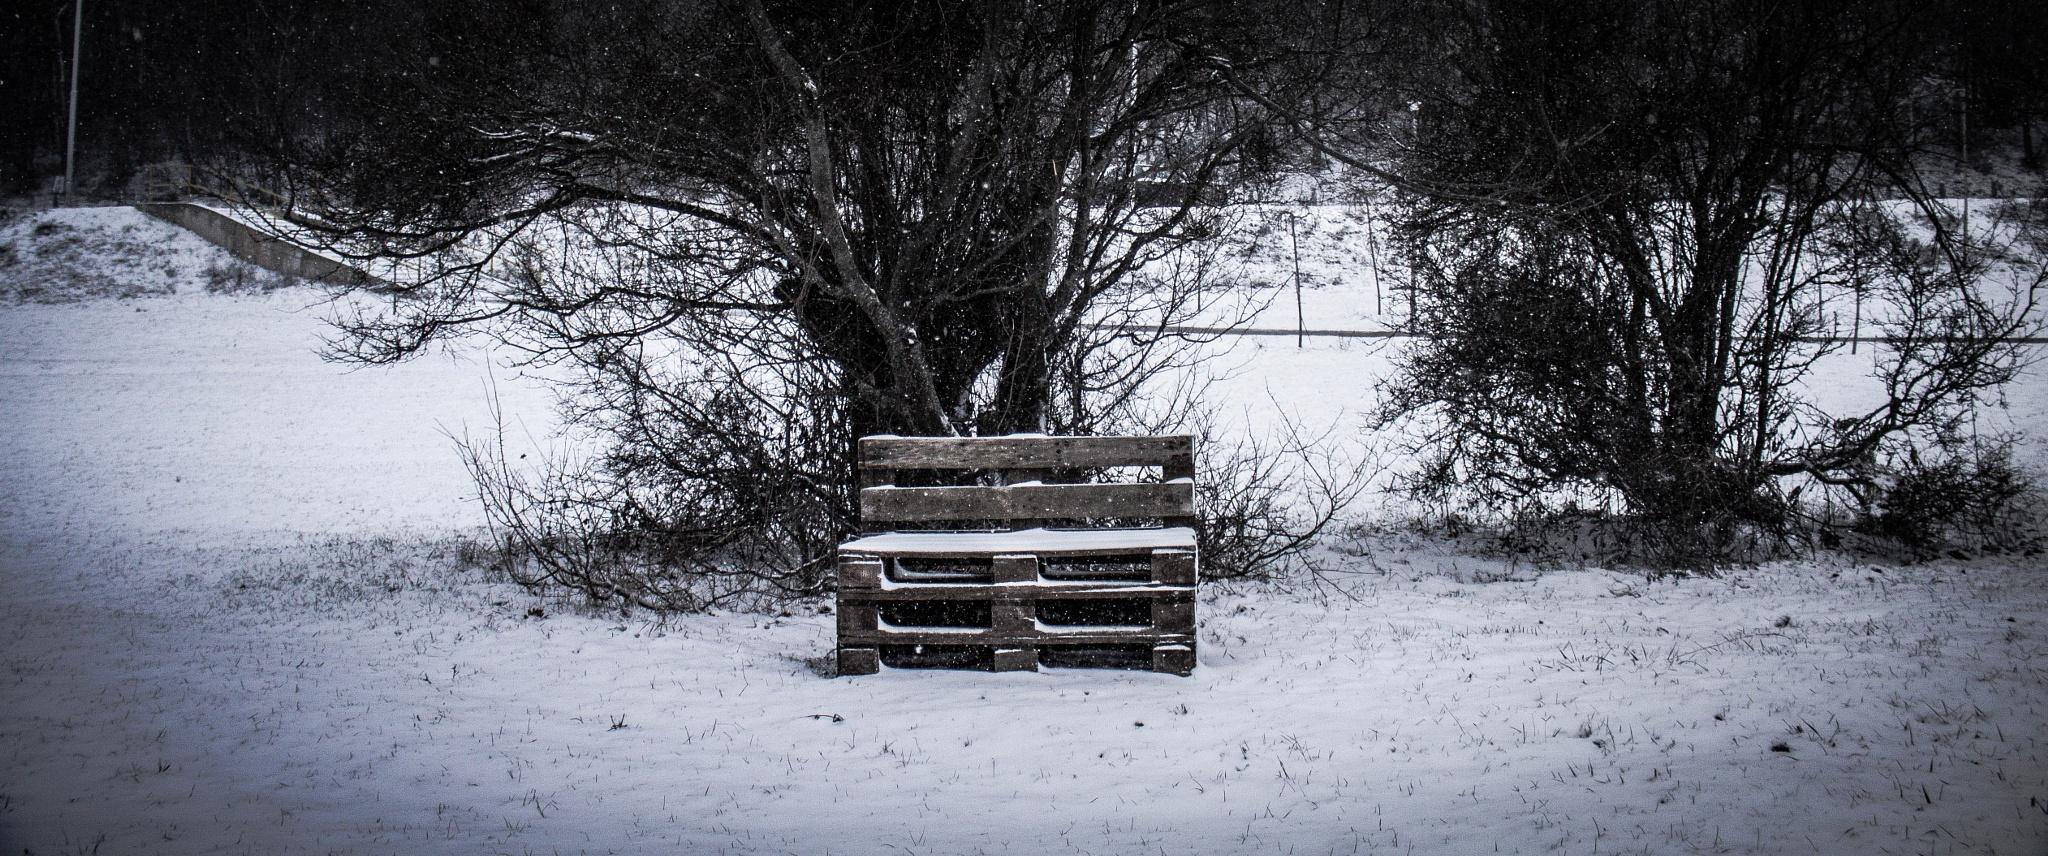 snow by elbunitr